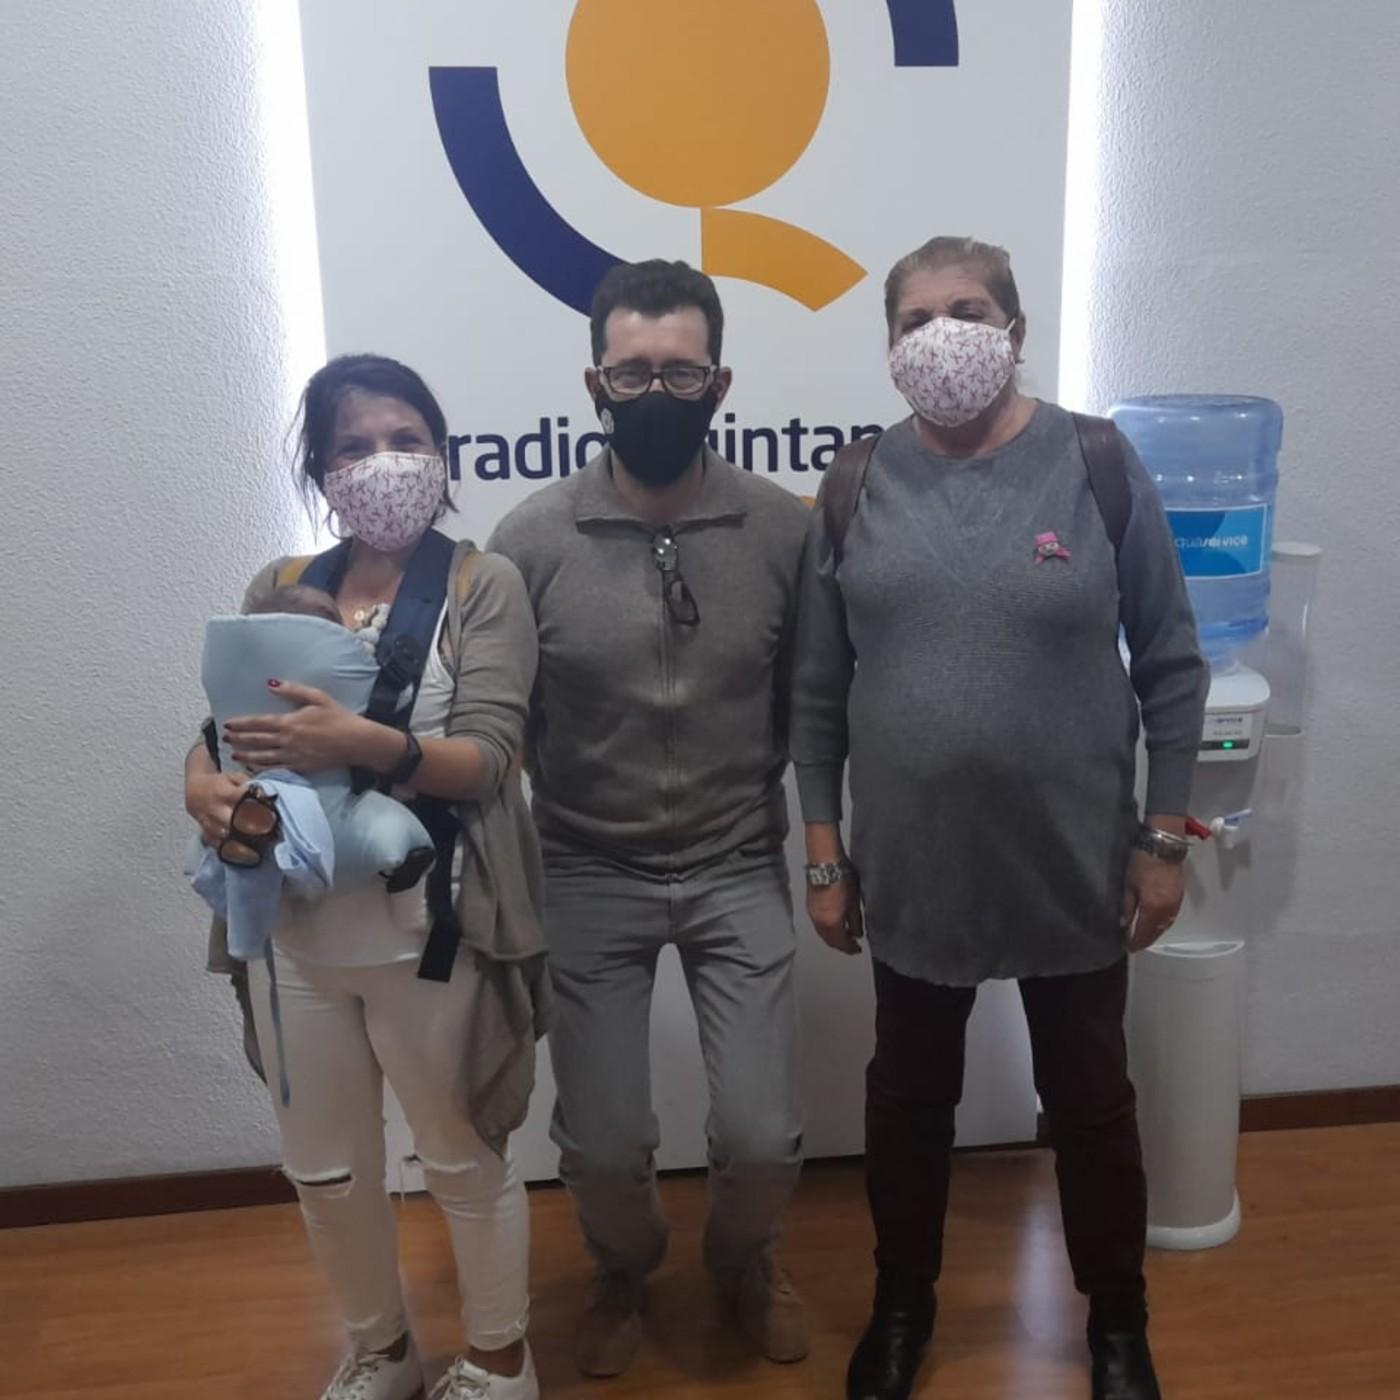 Entrevista a María José Botija, Carmen Ayllón y Carmelo Carretero. Día Internacional en Lucha contra el cáncer de mama